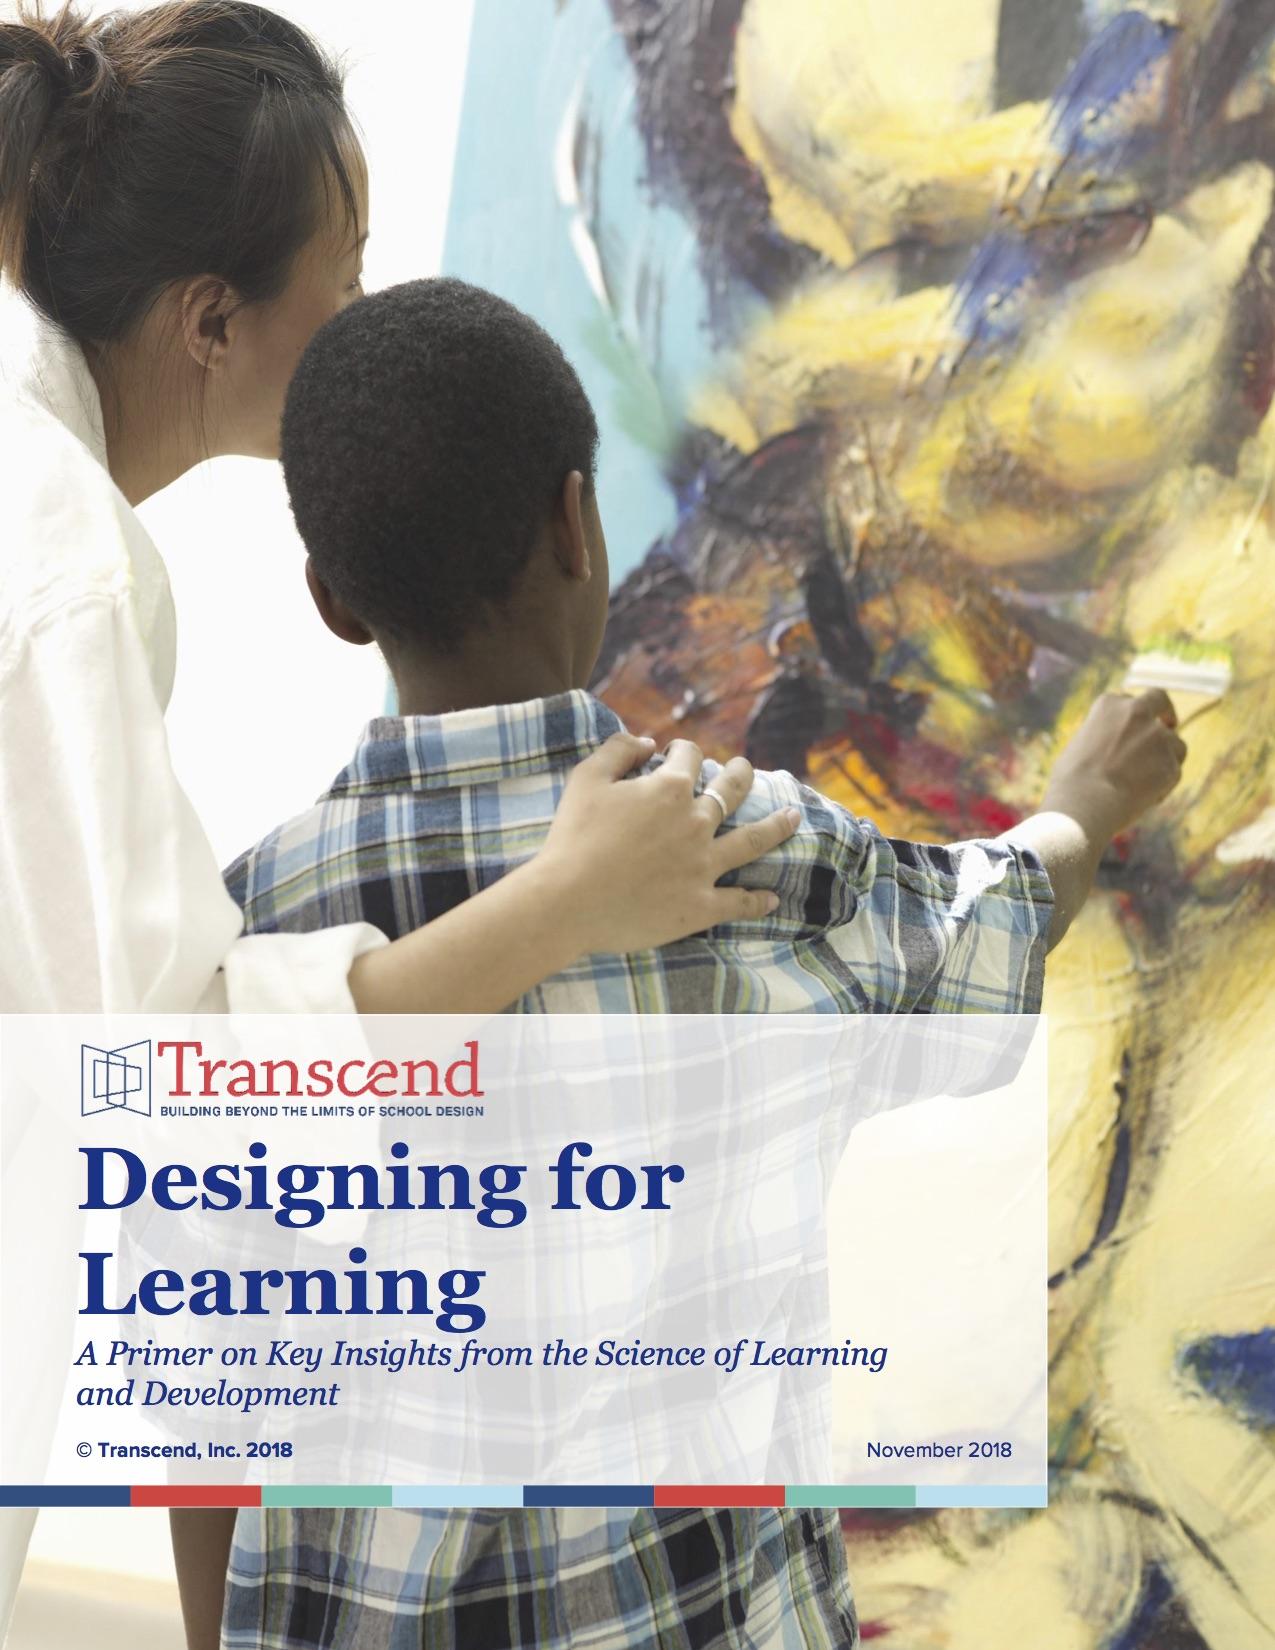 Designing for Learning Primer image thumbnail.jpg